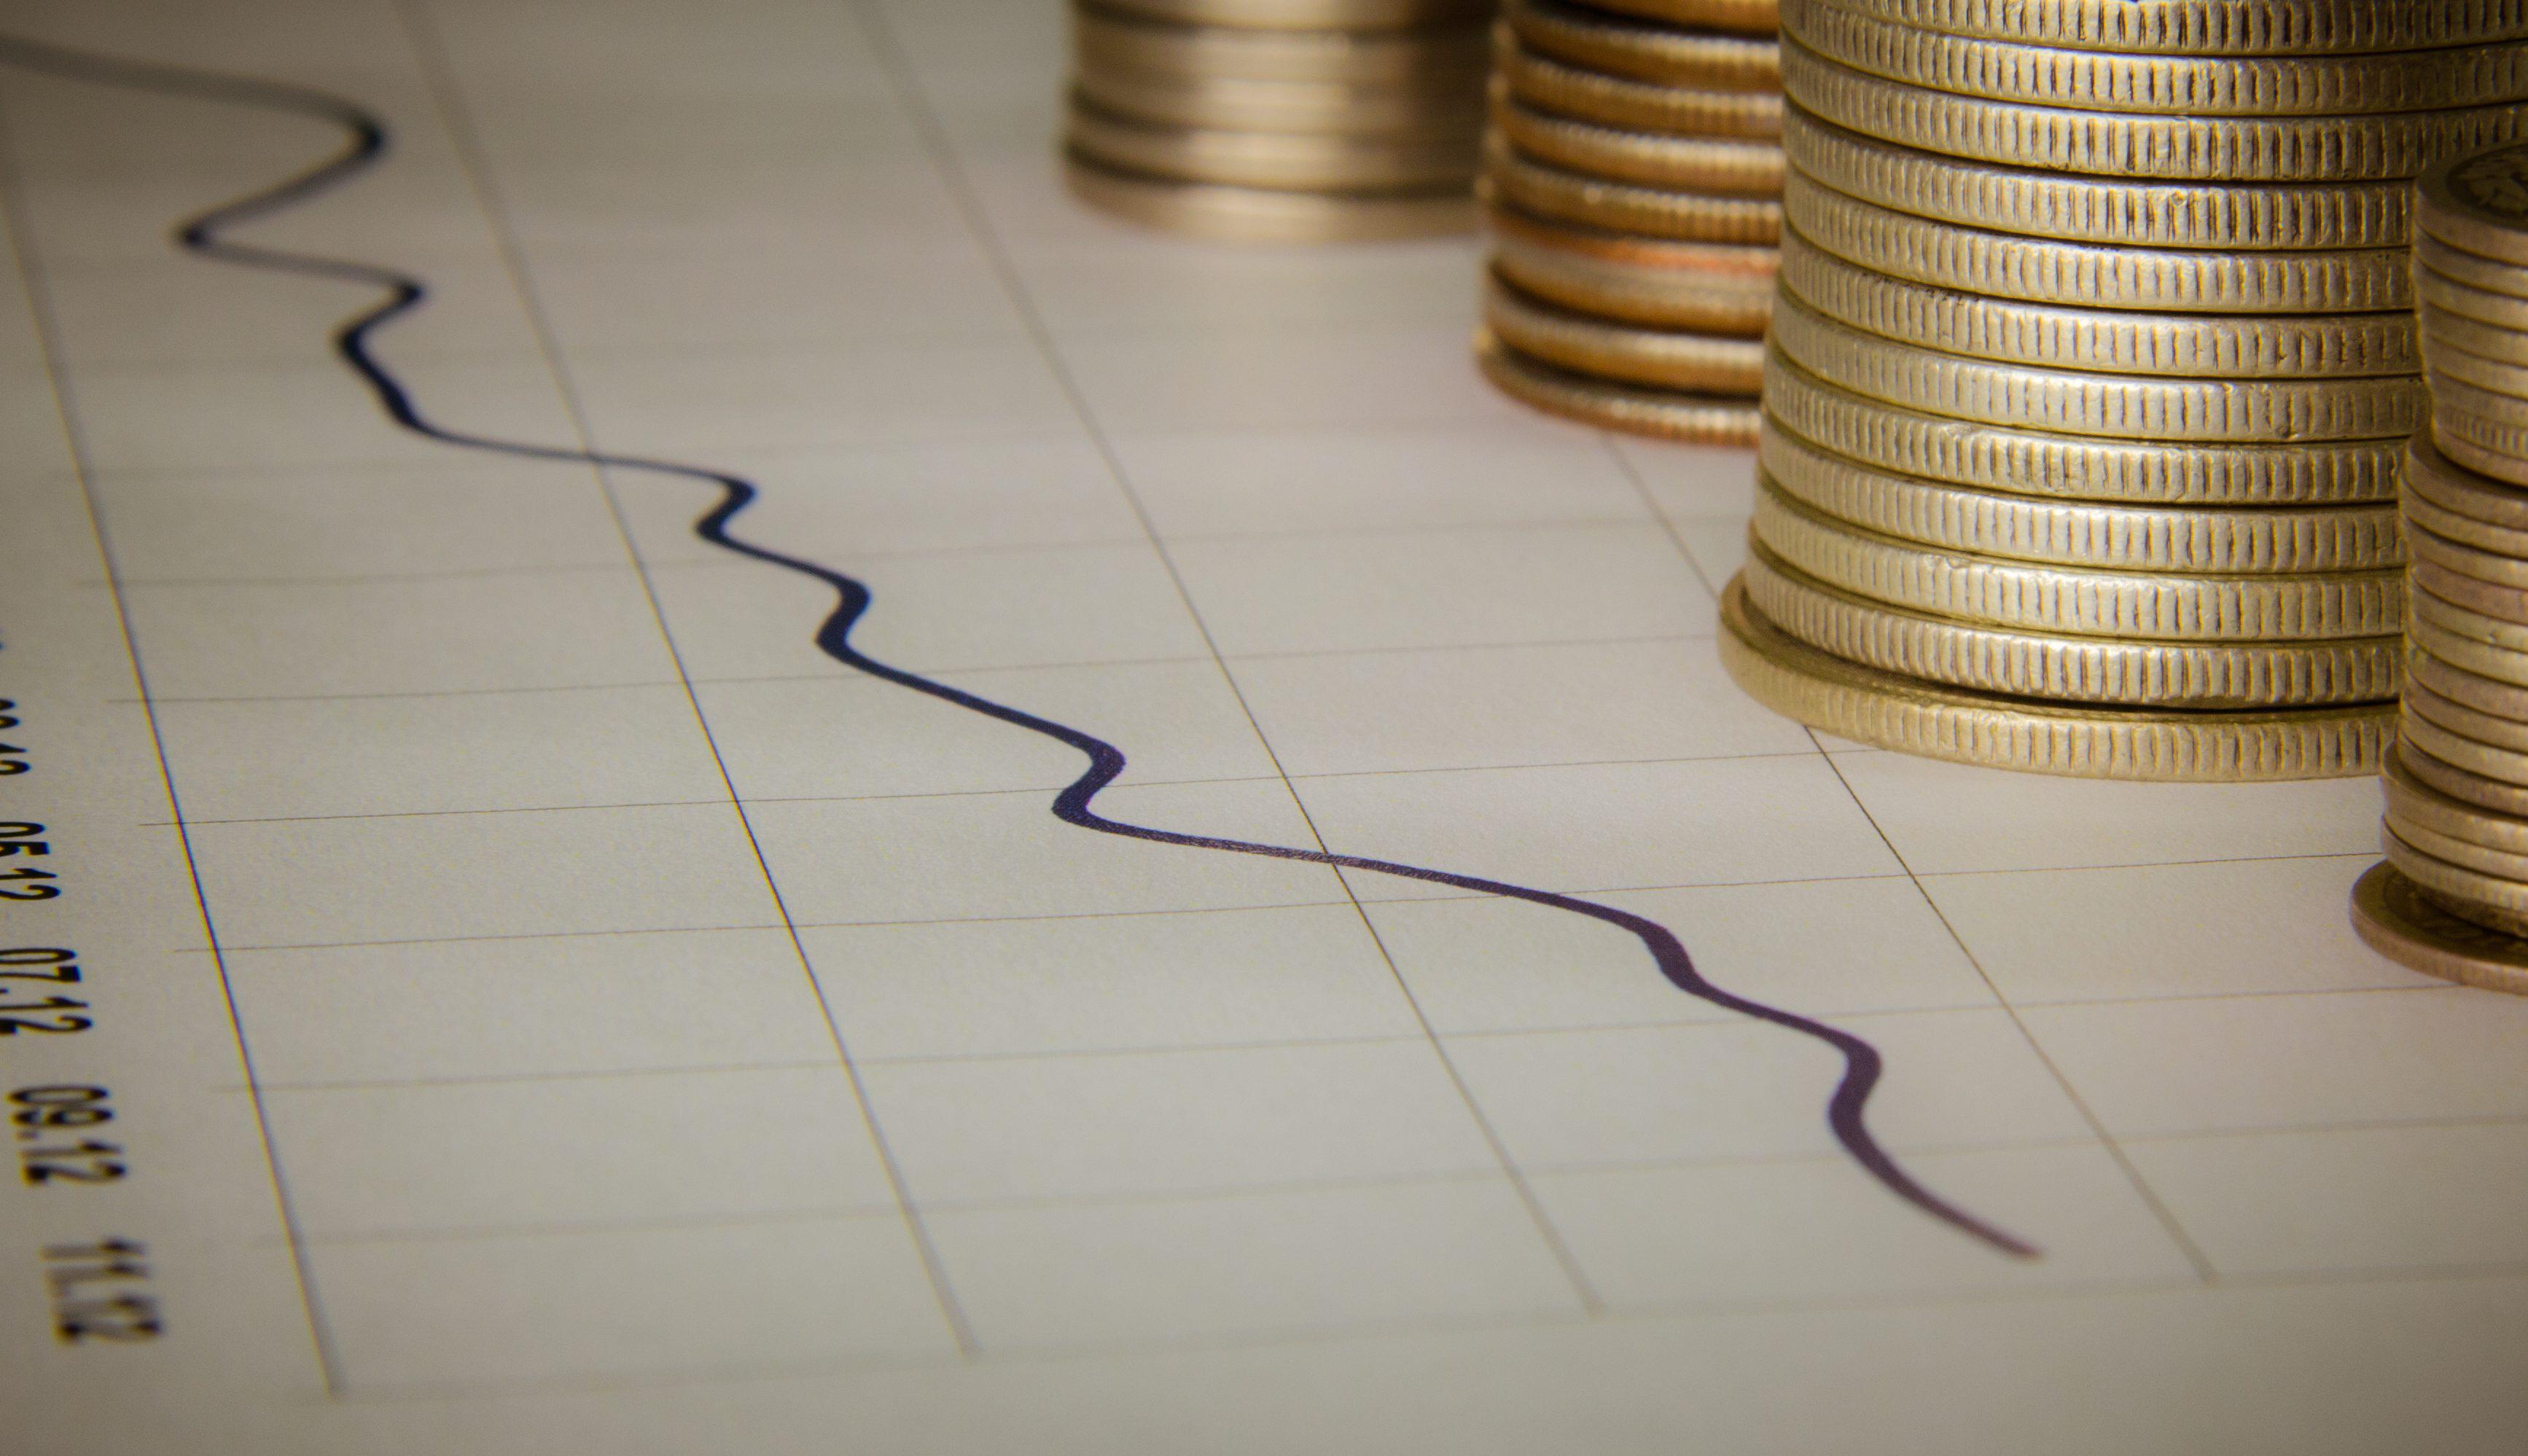 Επιπλέον 187,5 εκατ. ευρώ άντλησε σήμερα το Δημόσιο